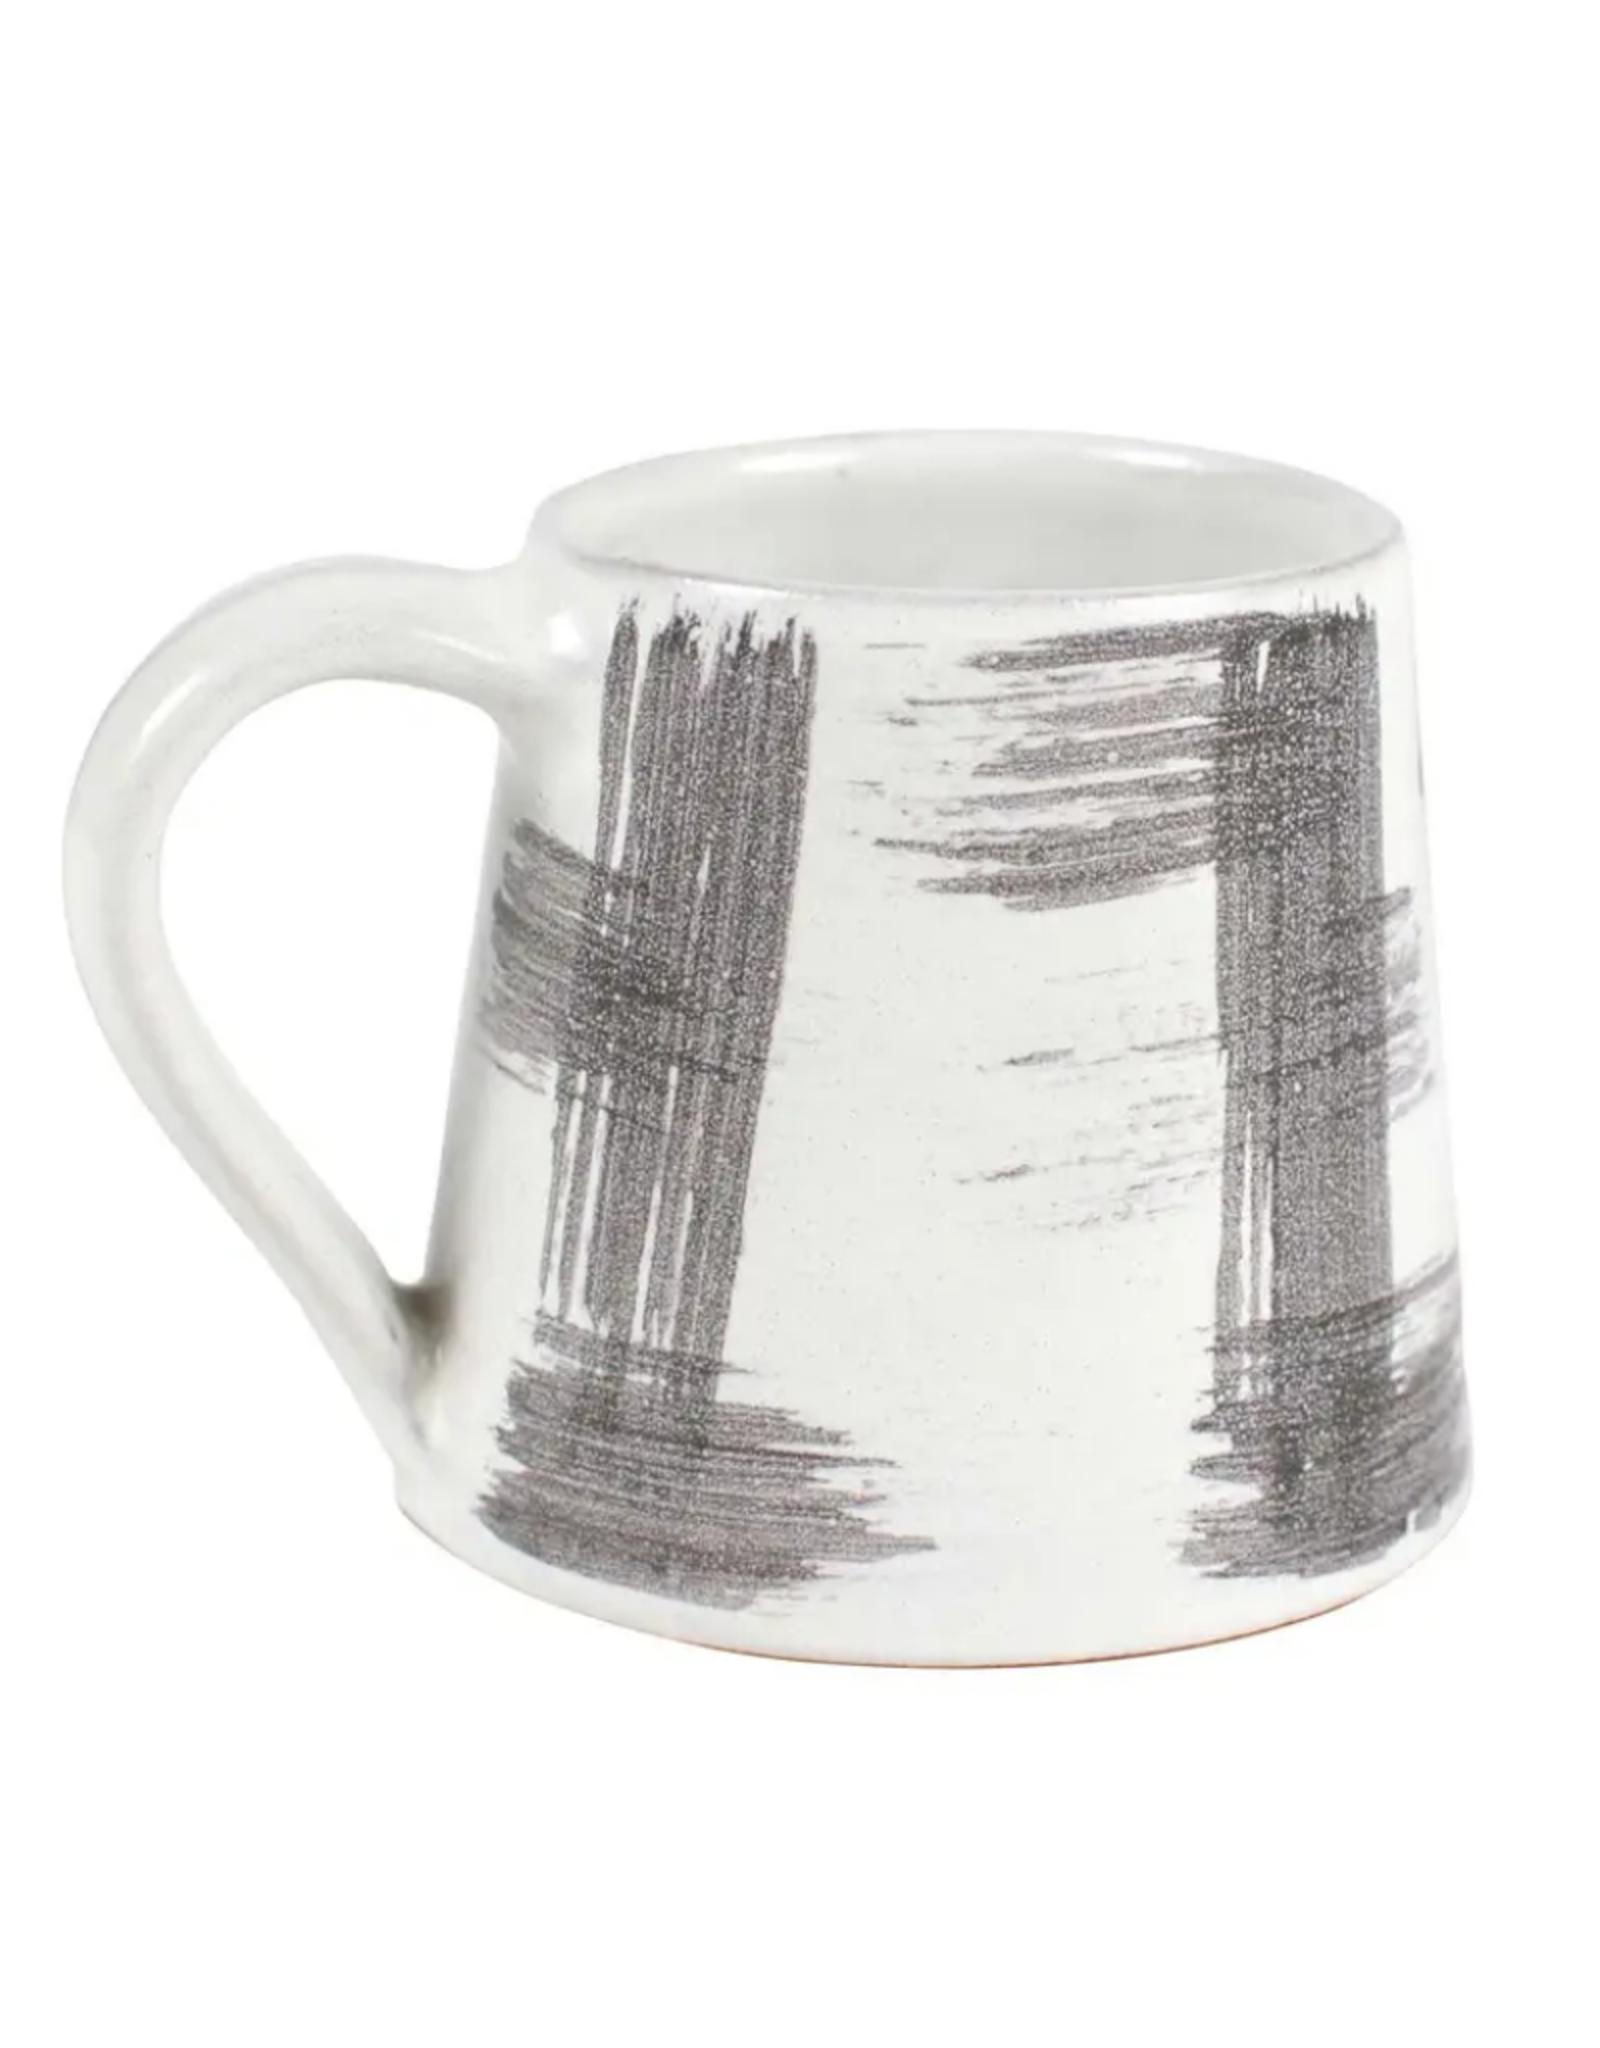 TTV USA Mug, Brush Stroke